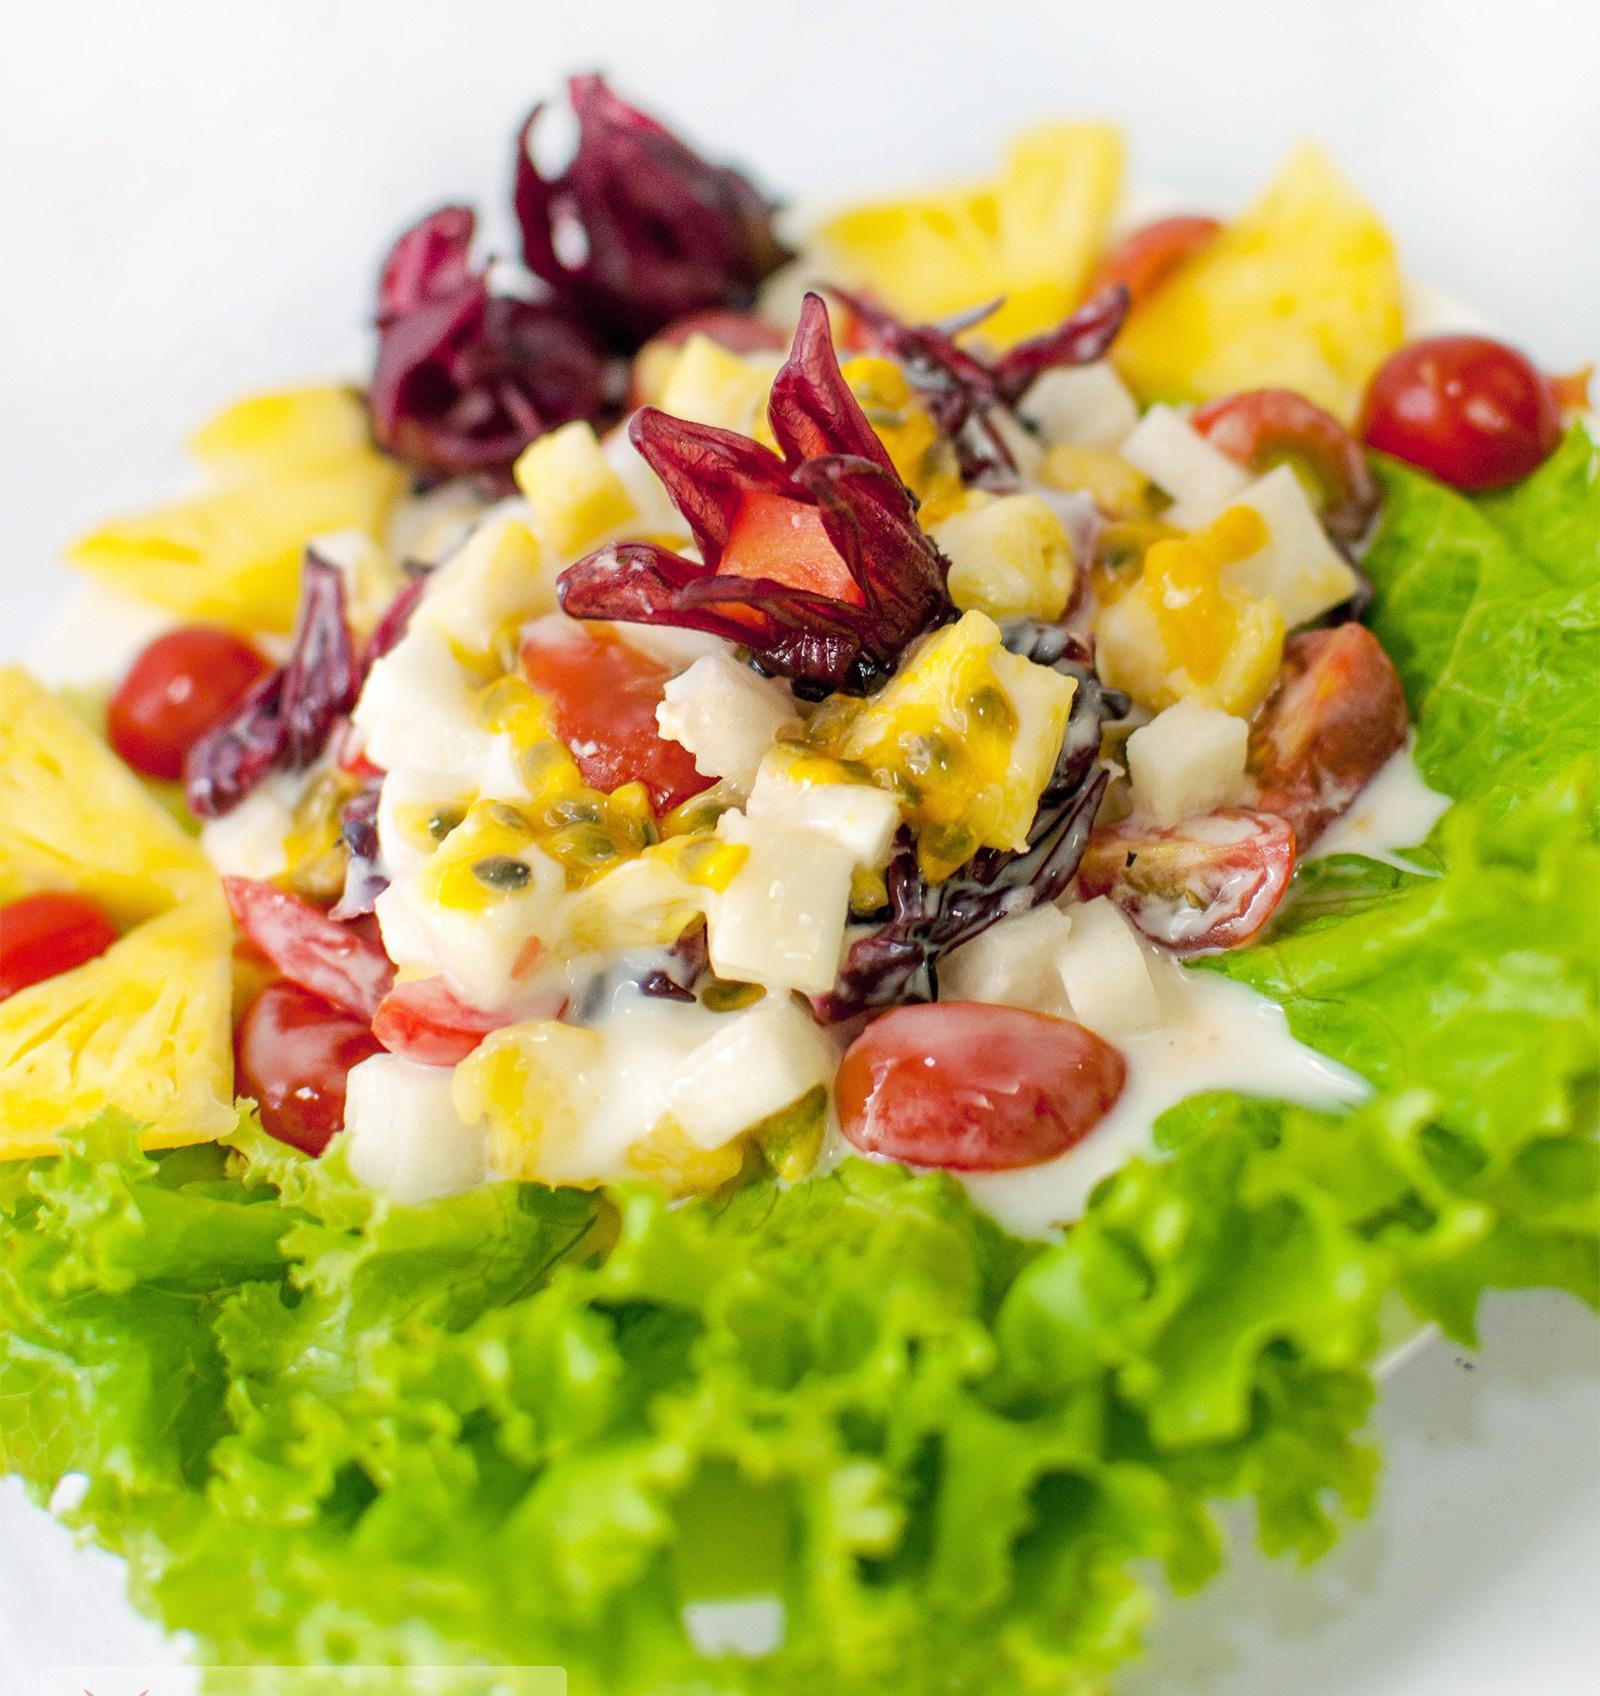 Món salad chanh dây rất thích hợp trong ngày hè nóng nực